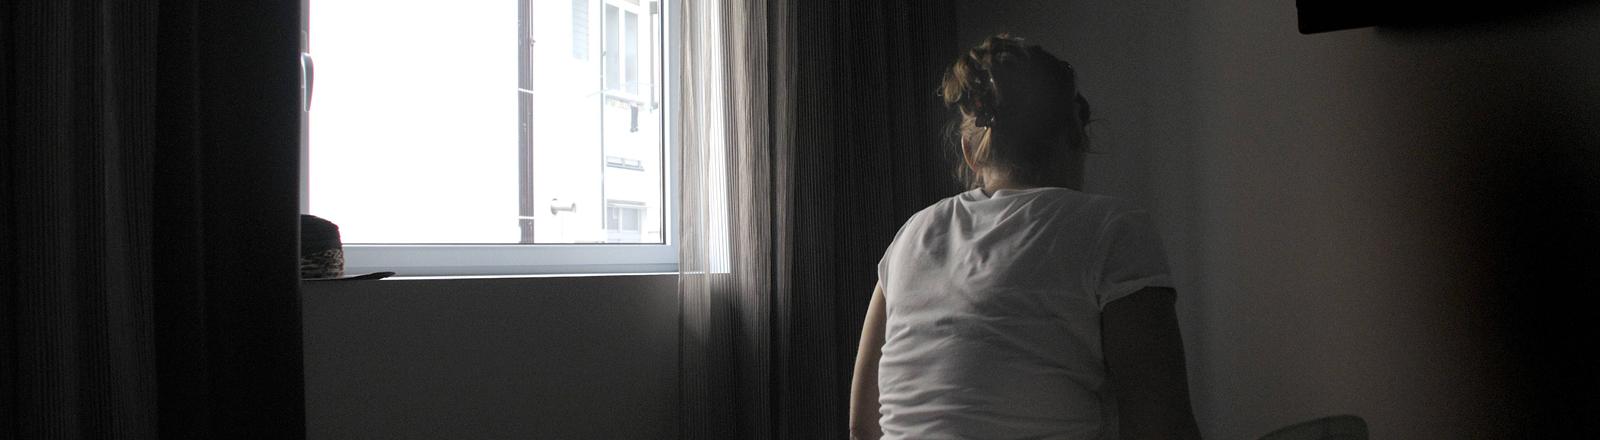 Frau sitzt in einem dunklen Zimmer auf dem bett mit dem Rücken zum Fotografen.